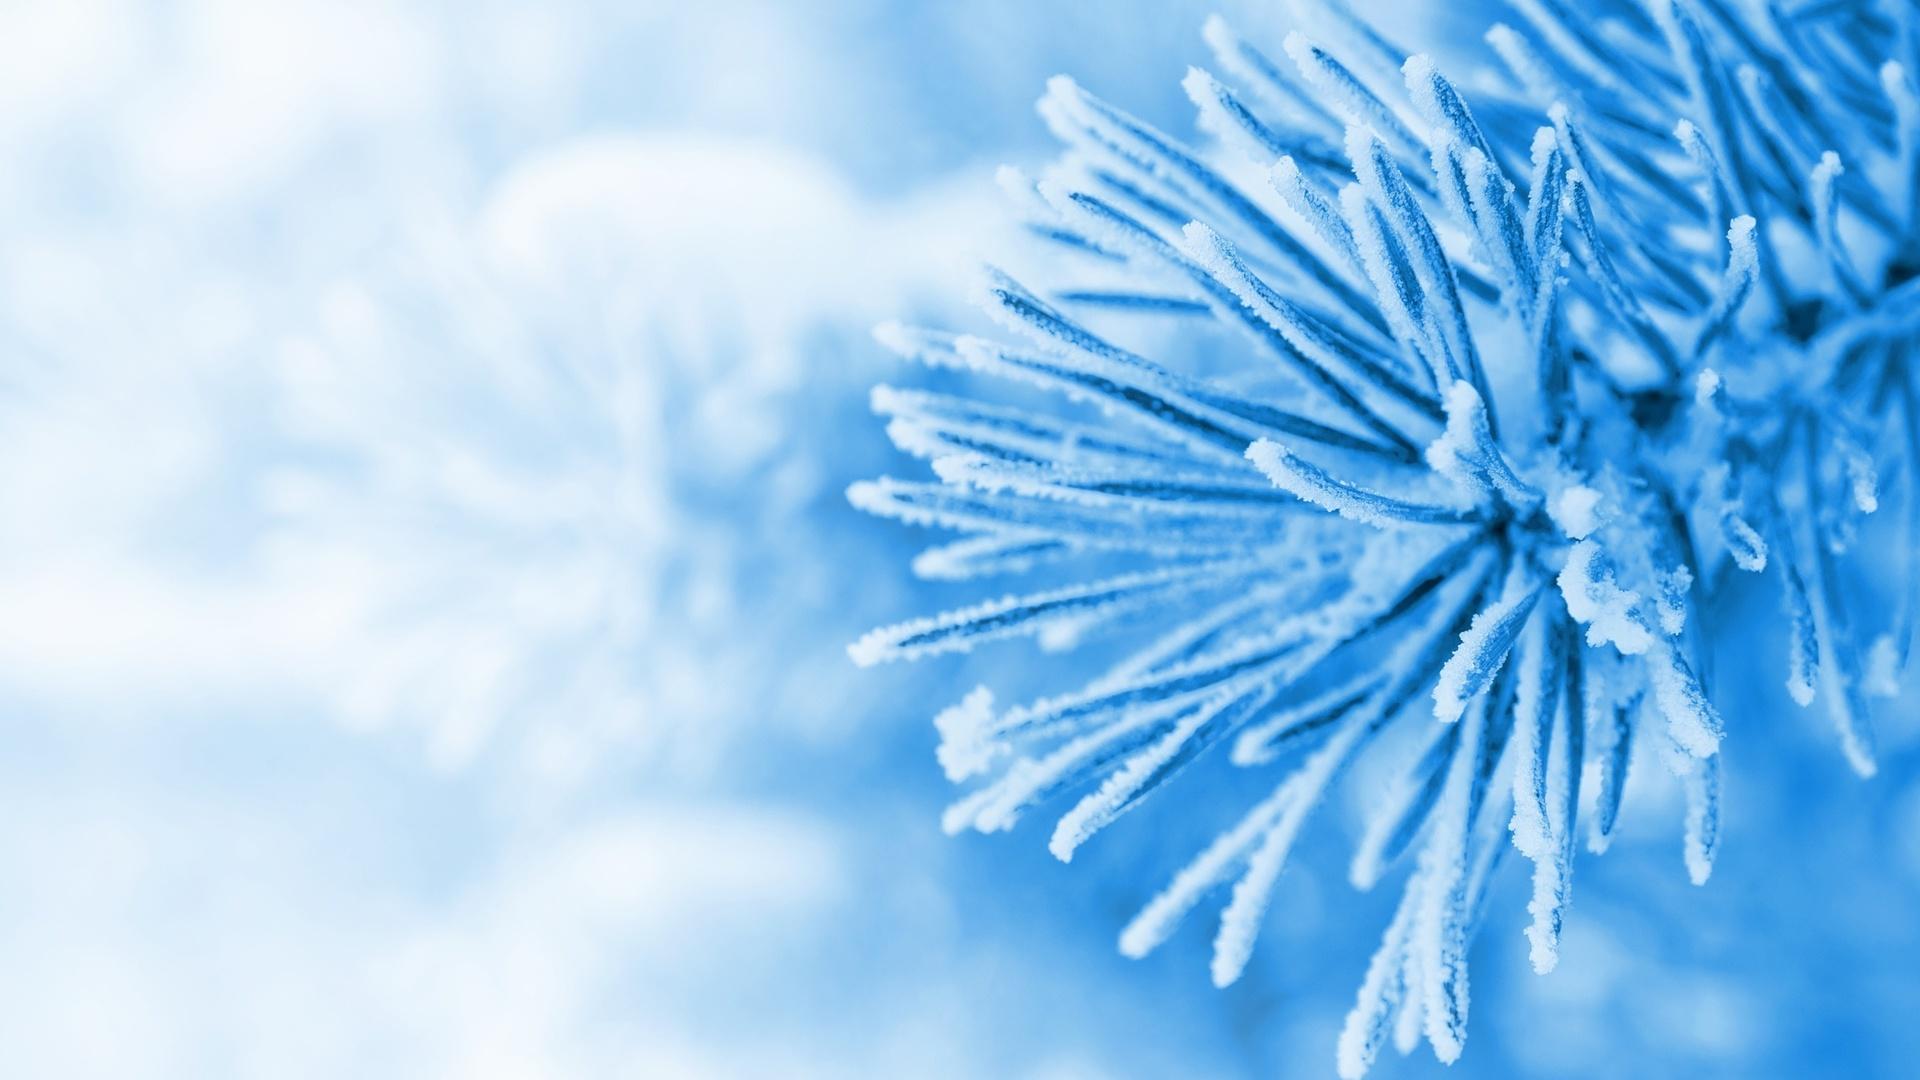 snow, елочка, елка, winter, ель, зима, снег, голубой, Макро